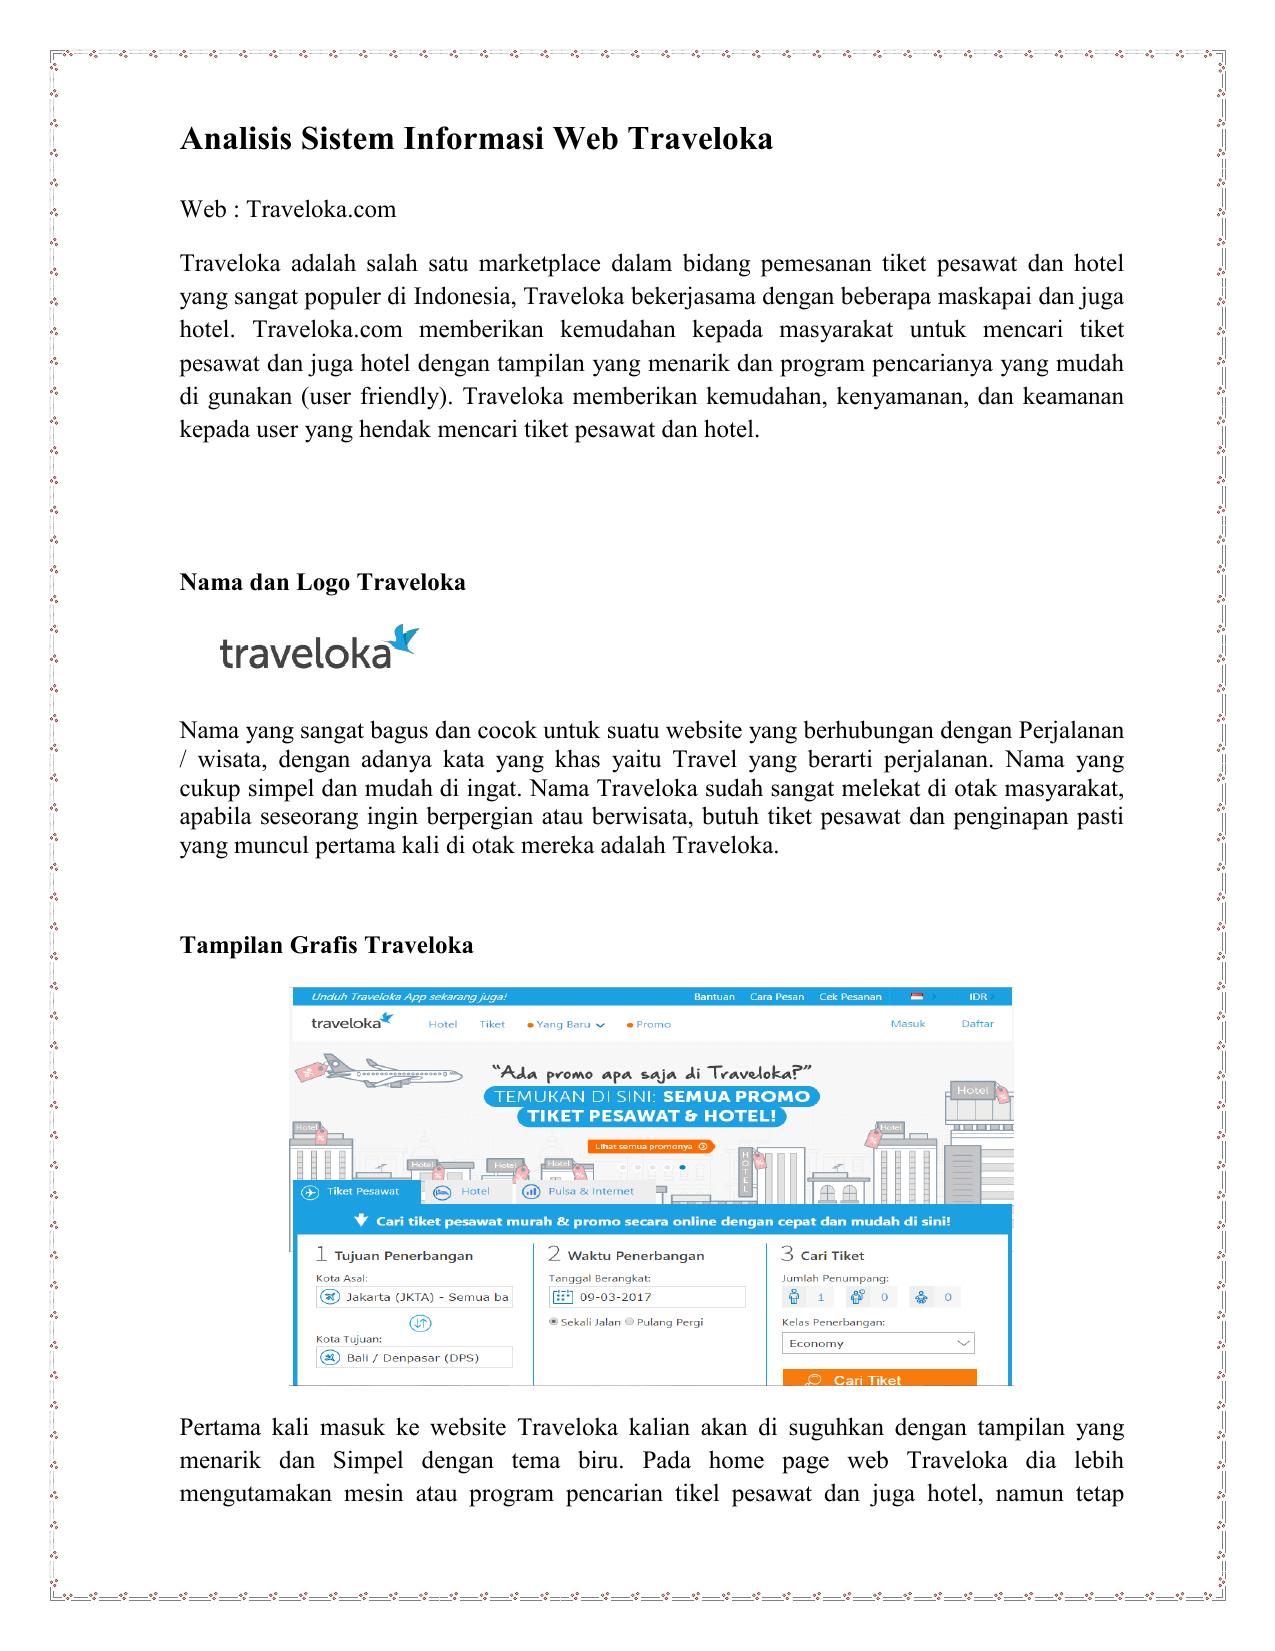 Analisis Sistem Informasi Web Traveloka